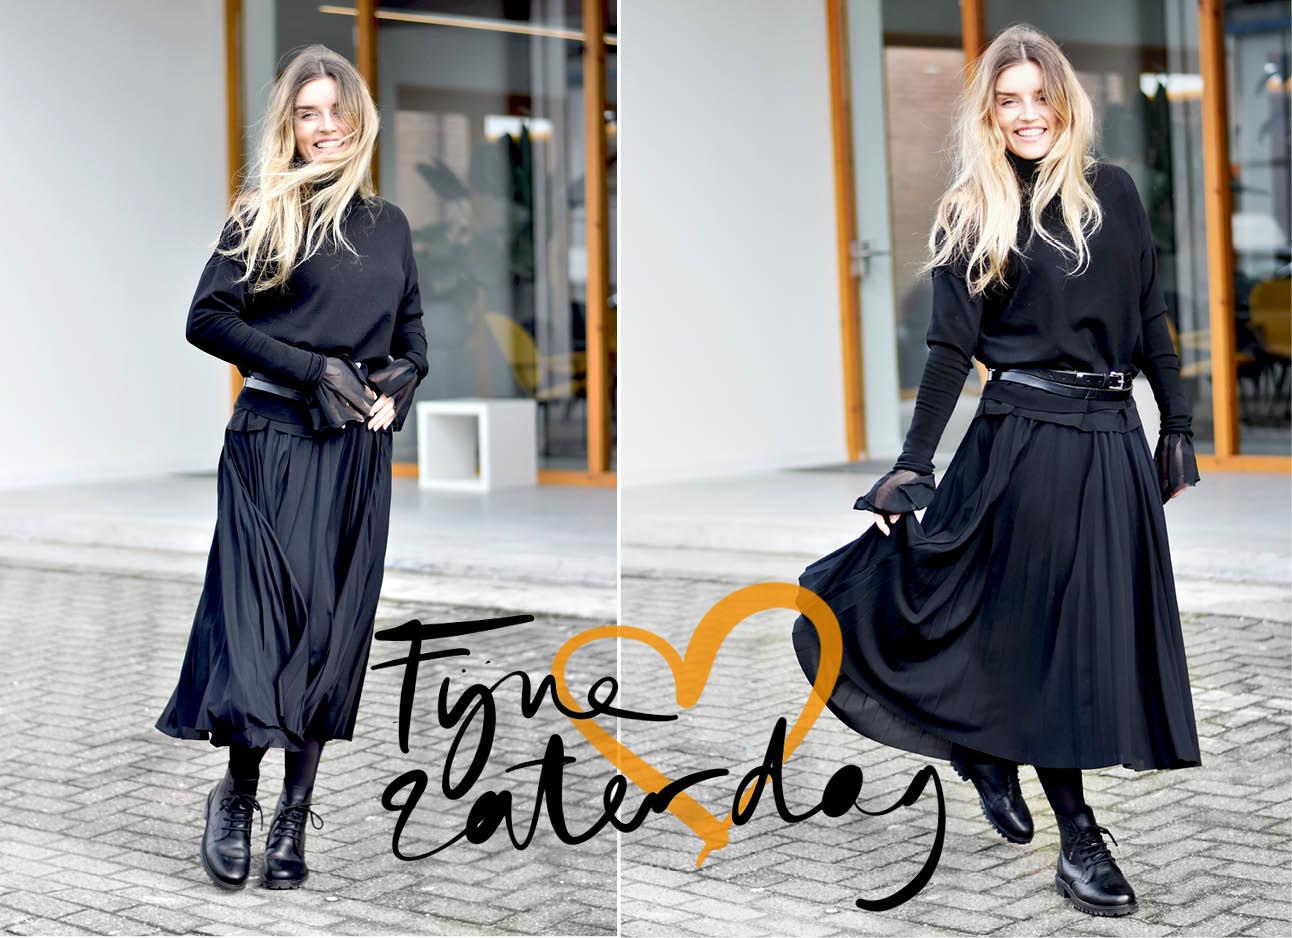 lotte in een zwarte rok, zwarte trui, zwarte top en leren boots